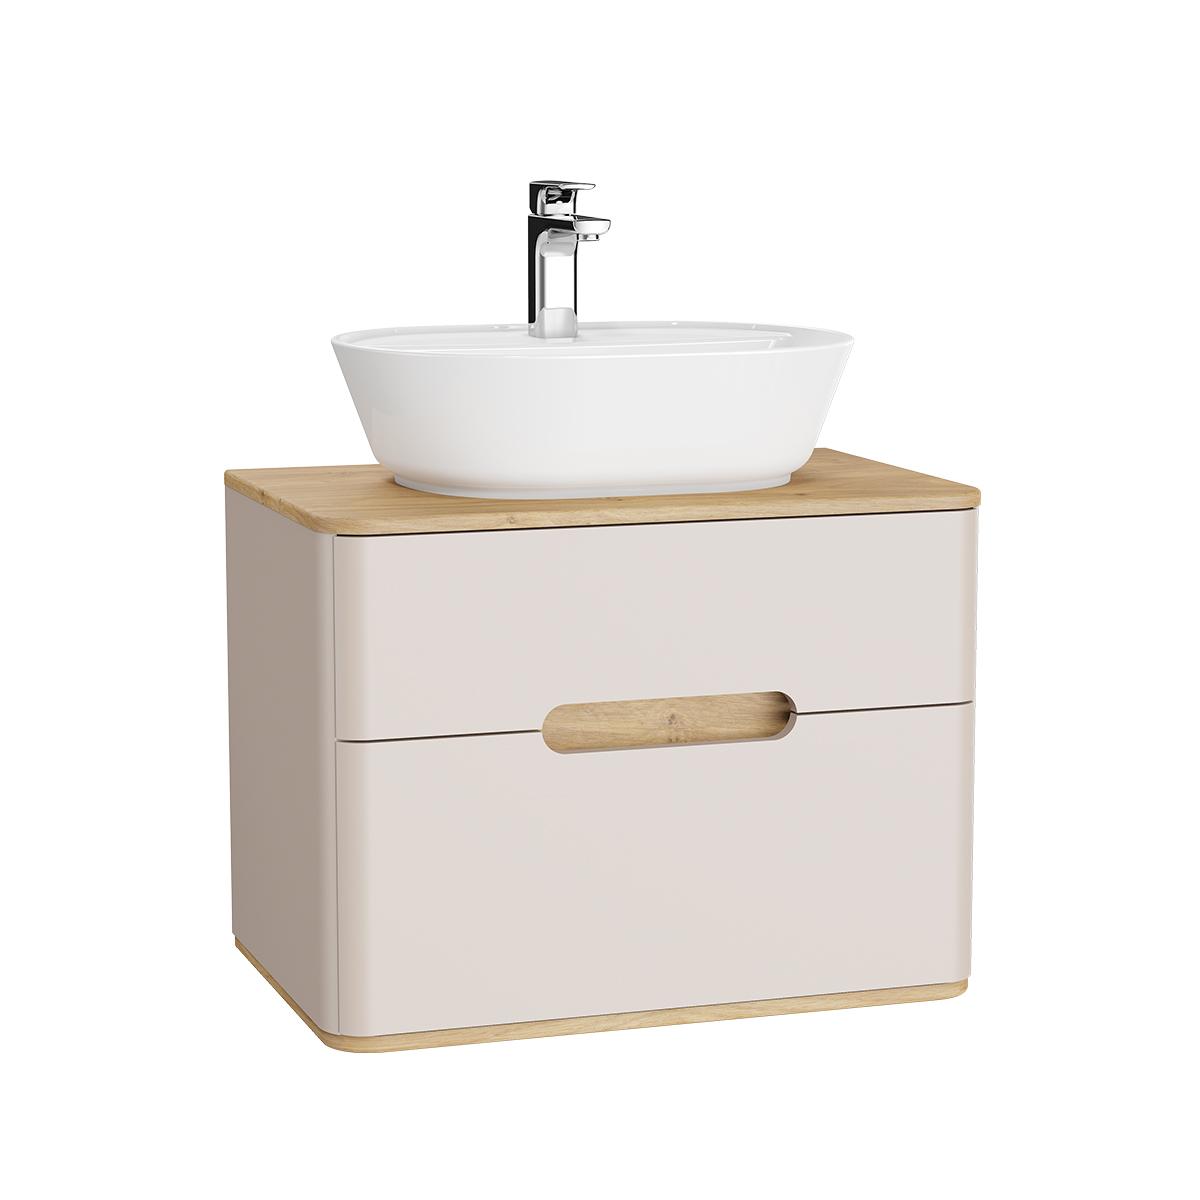 Sento Waschtischunterschrank, 70 cm, für Aufsatzwaschtische, mit 2 Vollauszügen, Crème Matt